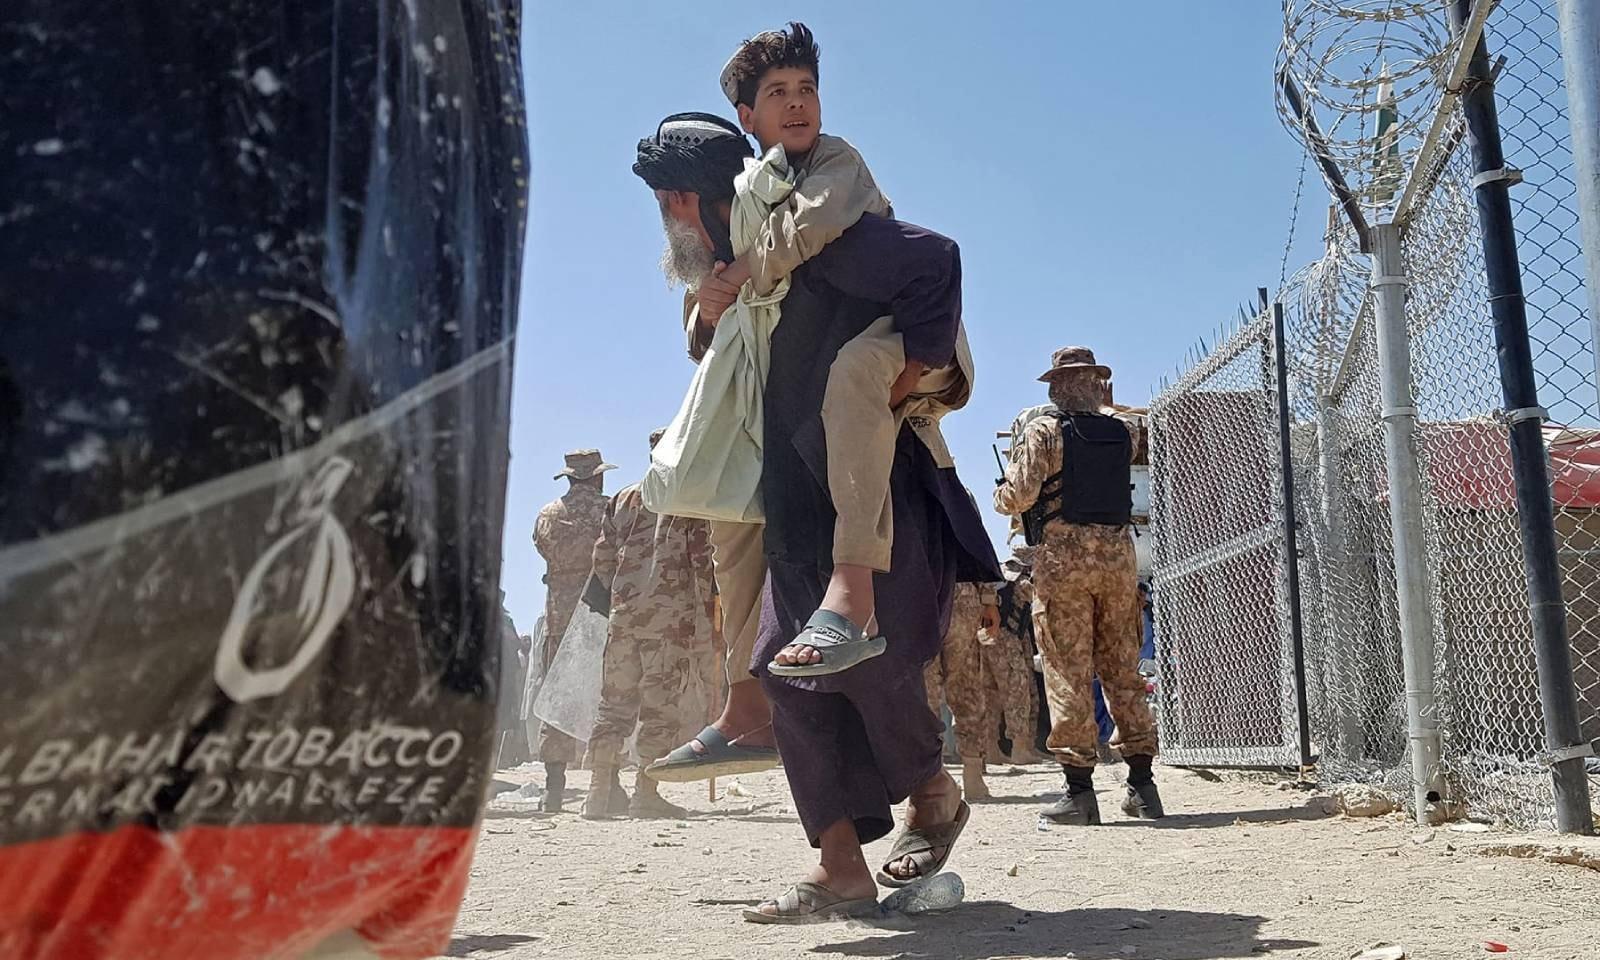 طالبان کے قبضے کے بعد کابل میں ایک نیا انسانی بحران پیدا ہوگیا ہے —فوٹو: اے ایف پی